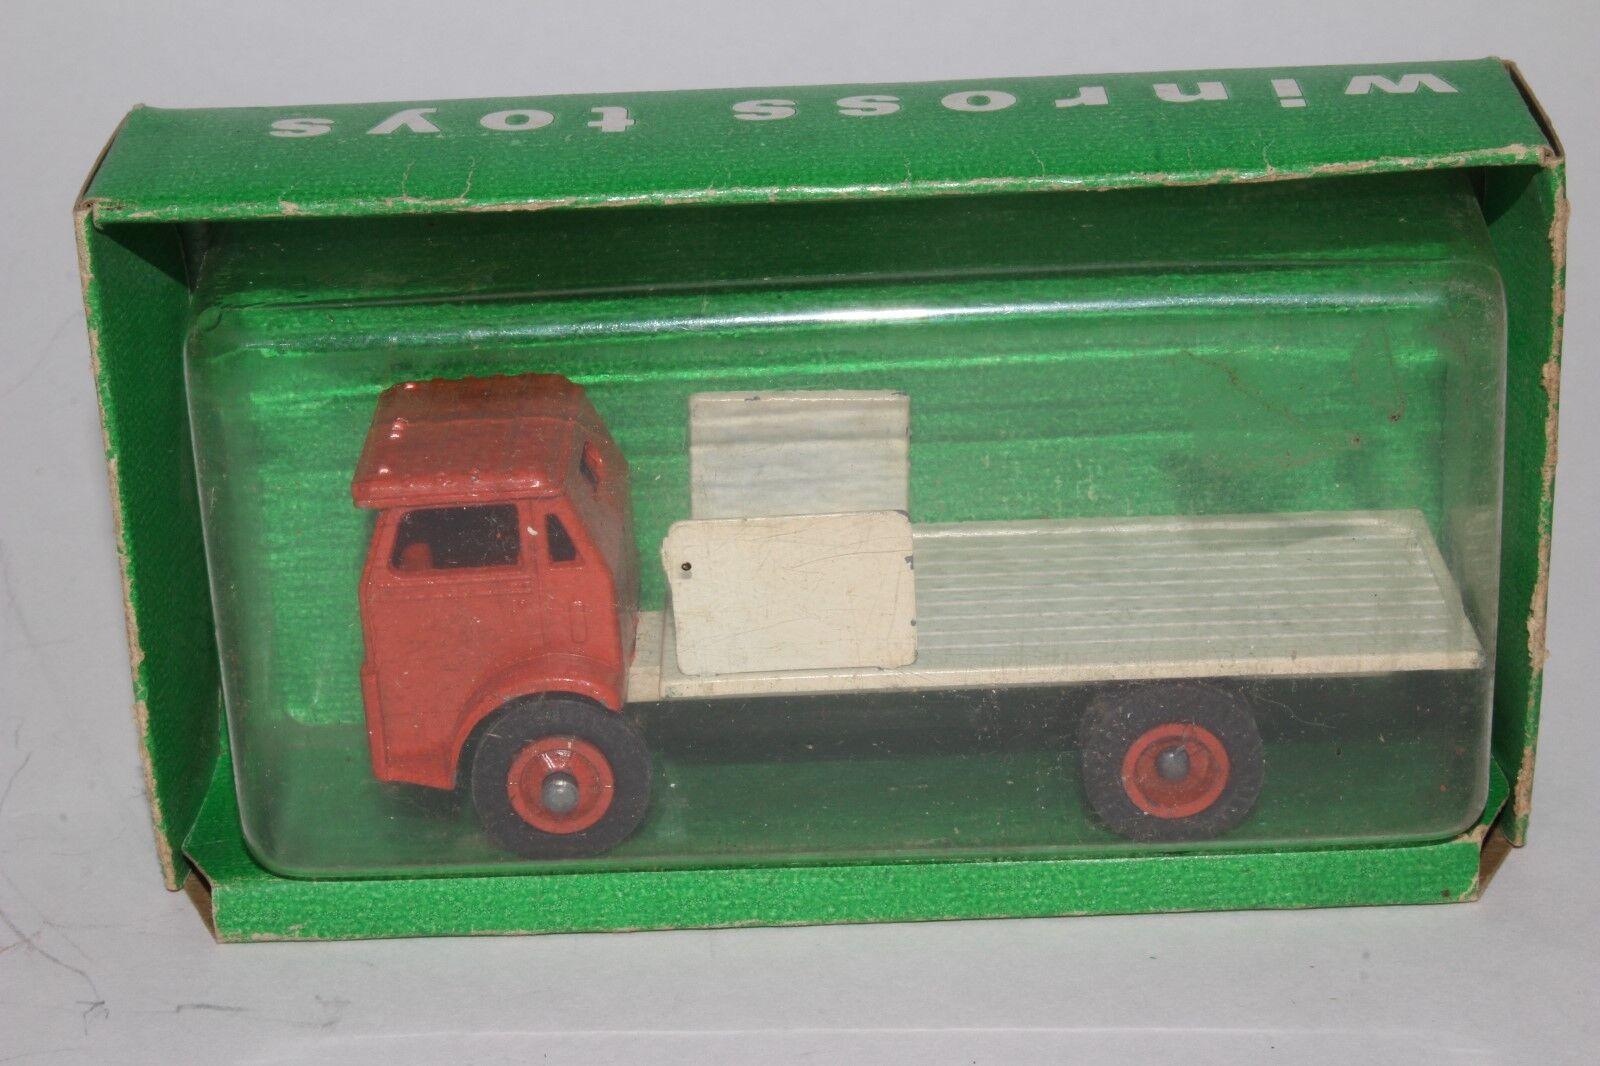 Winross década de 1960 blancoo Camiones Camión de súperficie plana con aparadores Y Caja Original